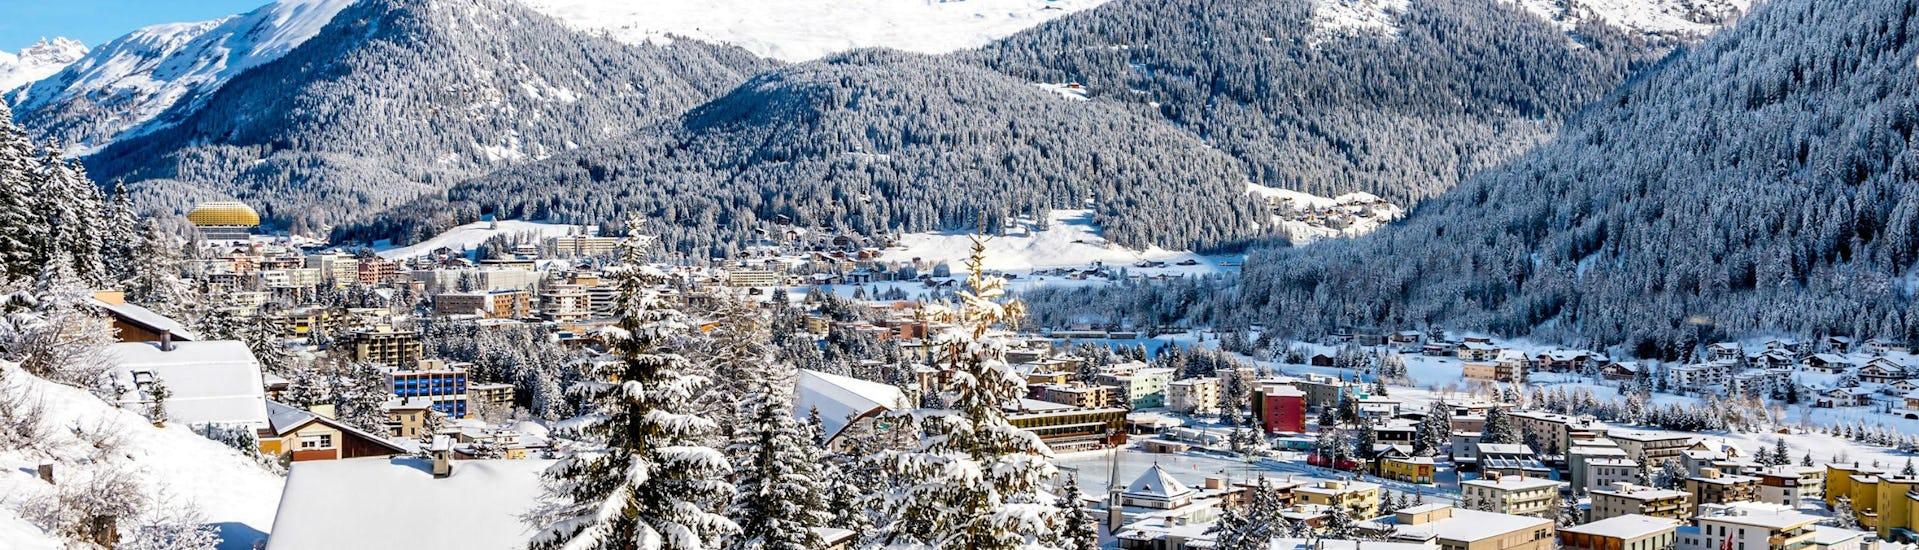 Ein Blick auf das schweizerische Davos, das nicht nur für das Weltwirtschaftsforum bekannt ist, sondern auch für seine Skischulen, die für all diejenigen, die das Skifahren lernen wollen, Skikurse anbieten.